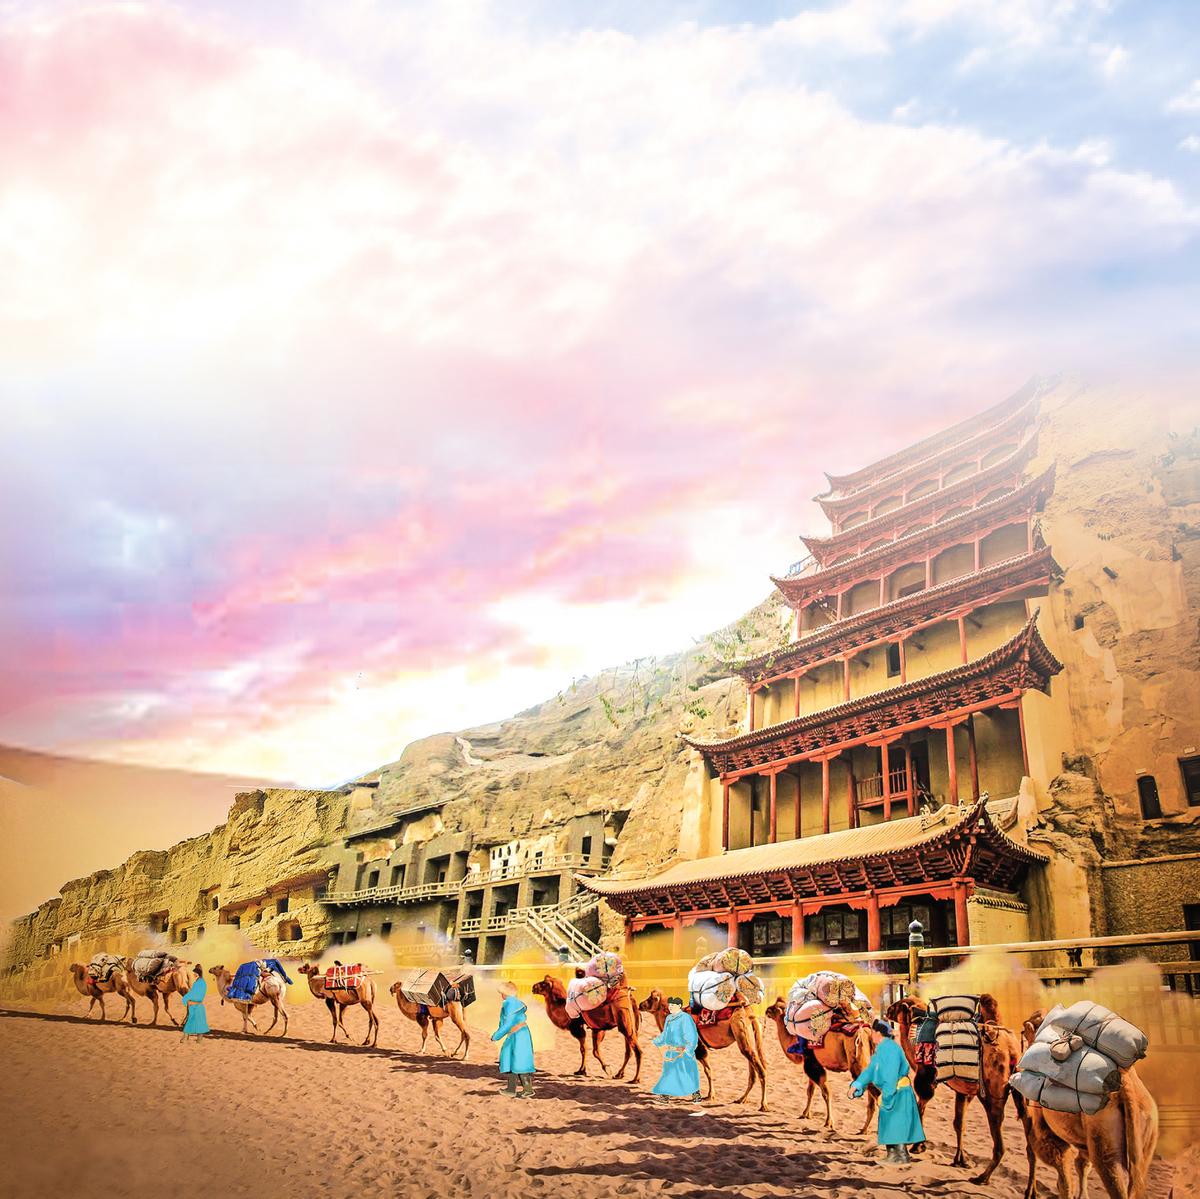 絲綢之路,東起漢朝長安、西至羅馬王城,把這片土地上最強大的兩大帝國連通起來。(大紀元製圖)